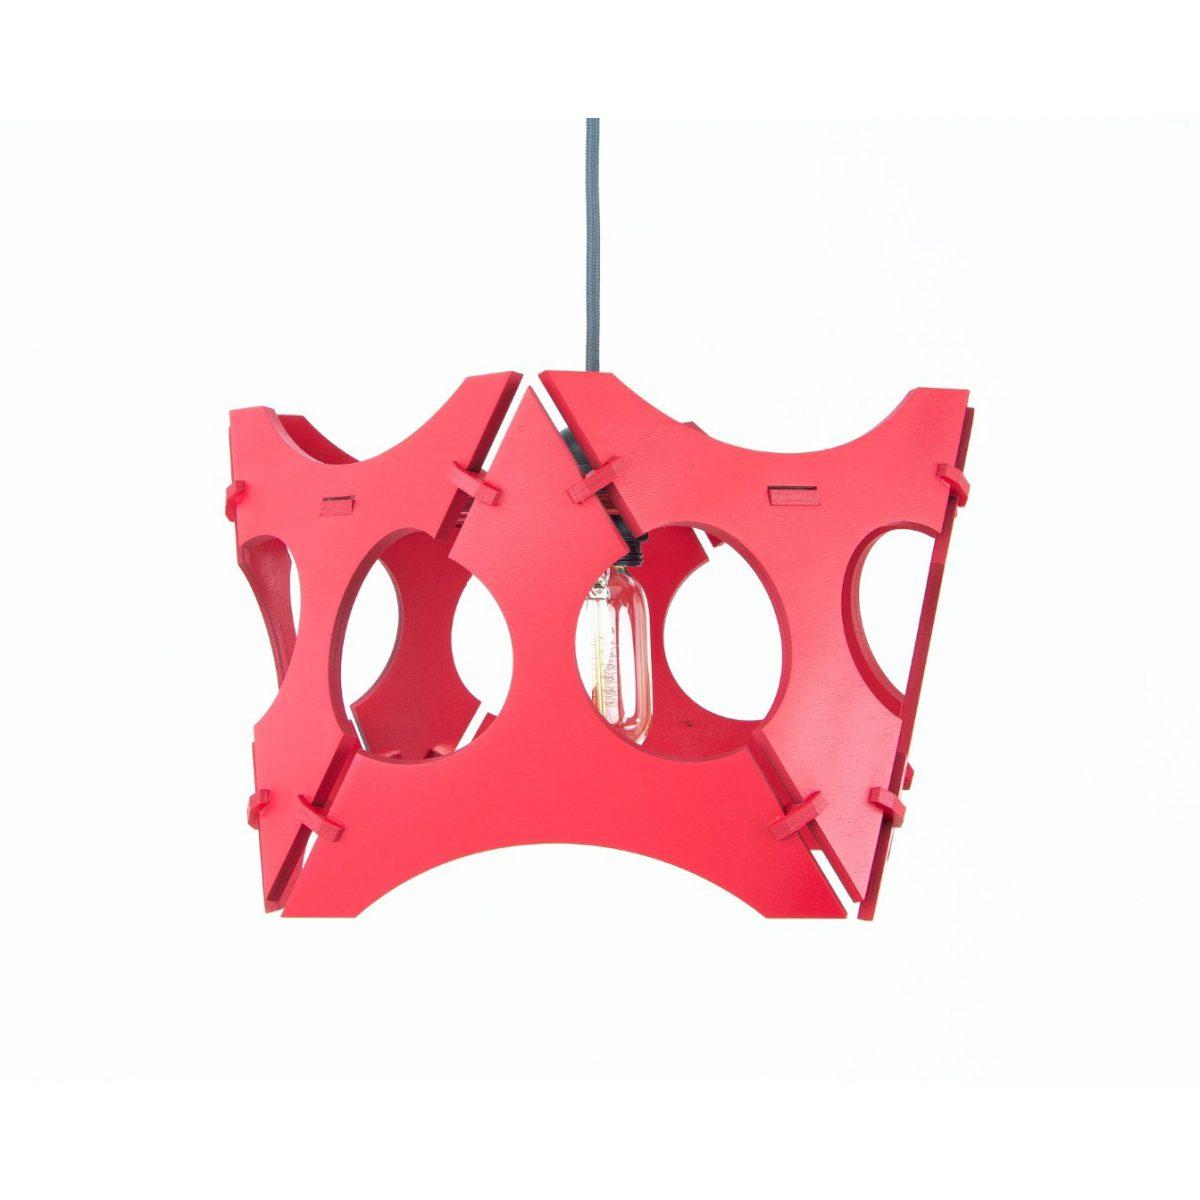 lampa ze sklejki do salonu